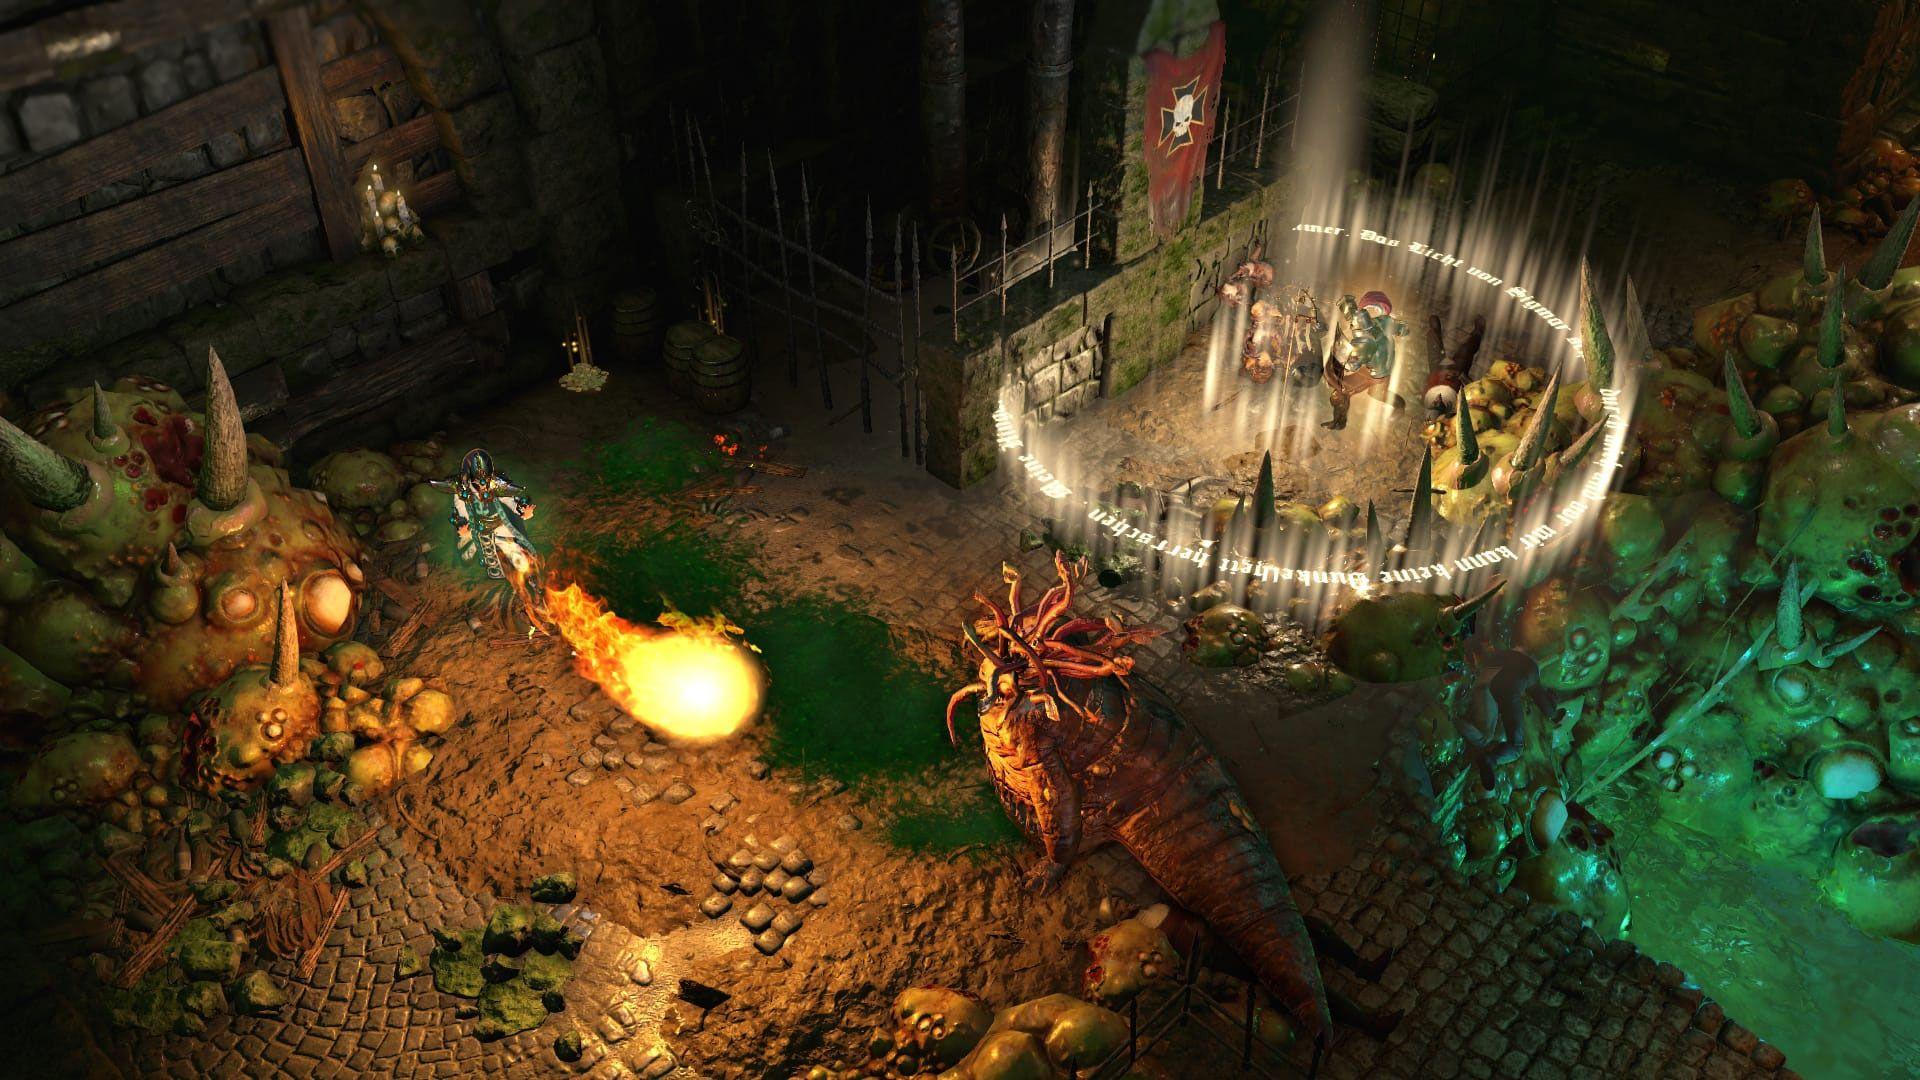 Em um cenário isométrico um personagem dispara uma bola de fogo contra um monstro enquanto outro ressuscita um companheiro caído